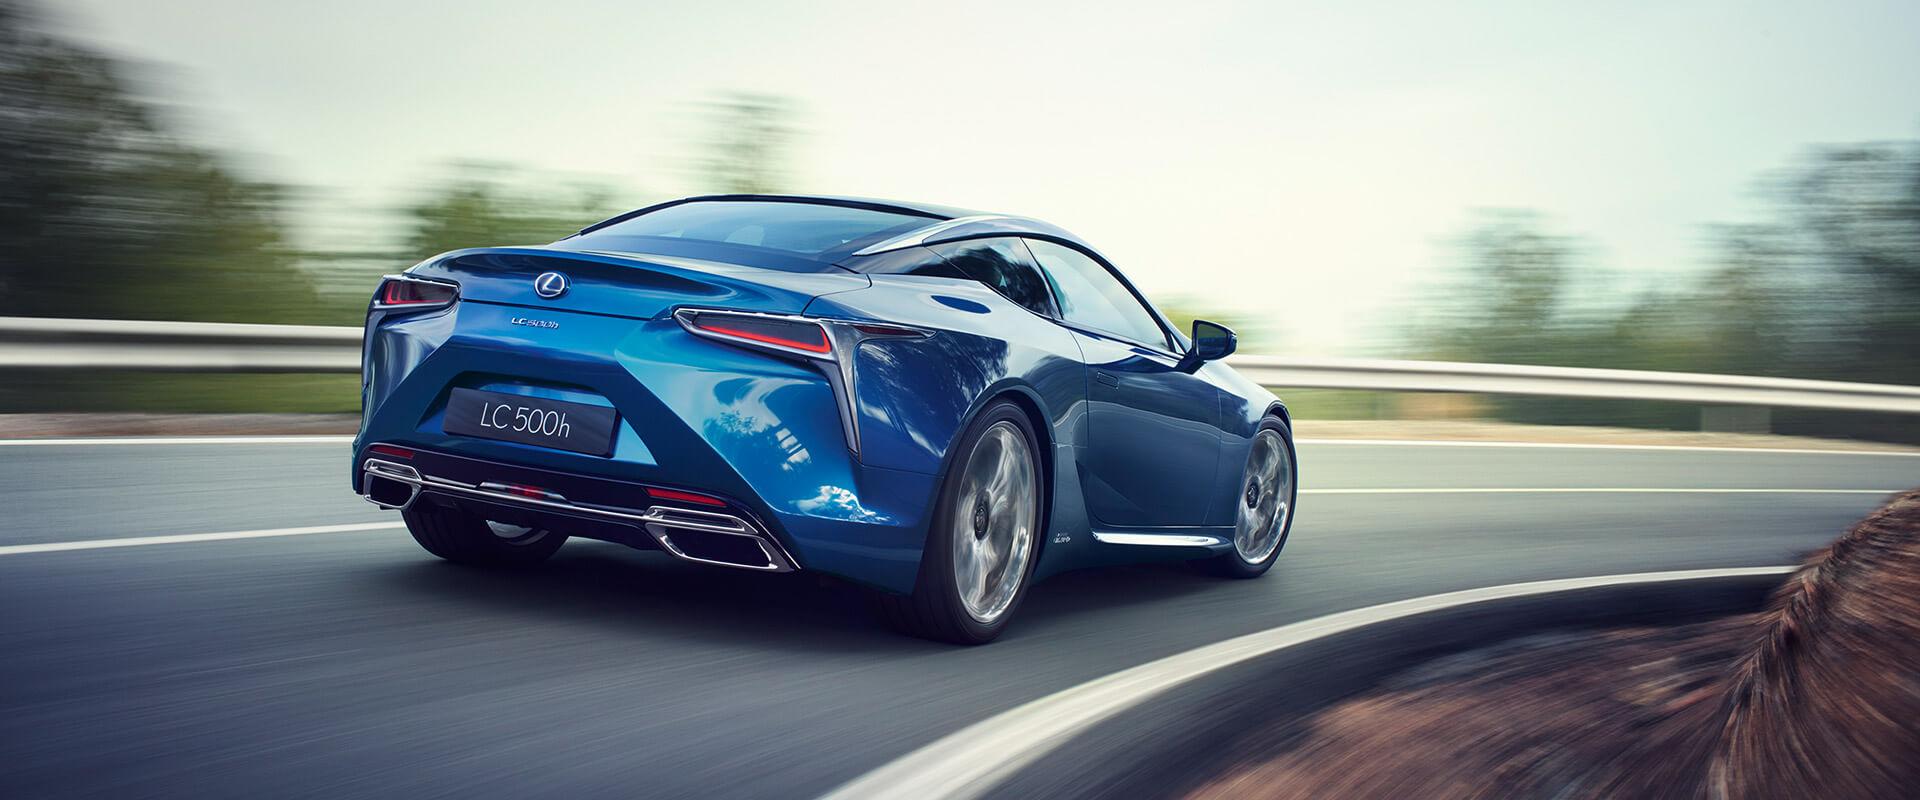 Роскошный Lexus LC 500h